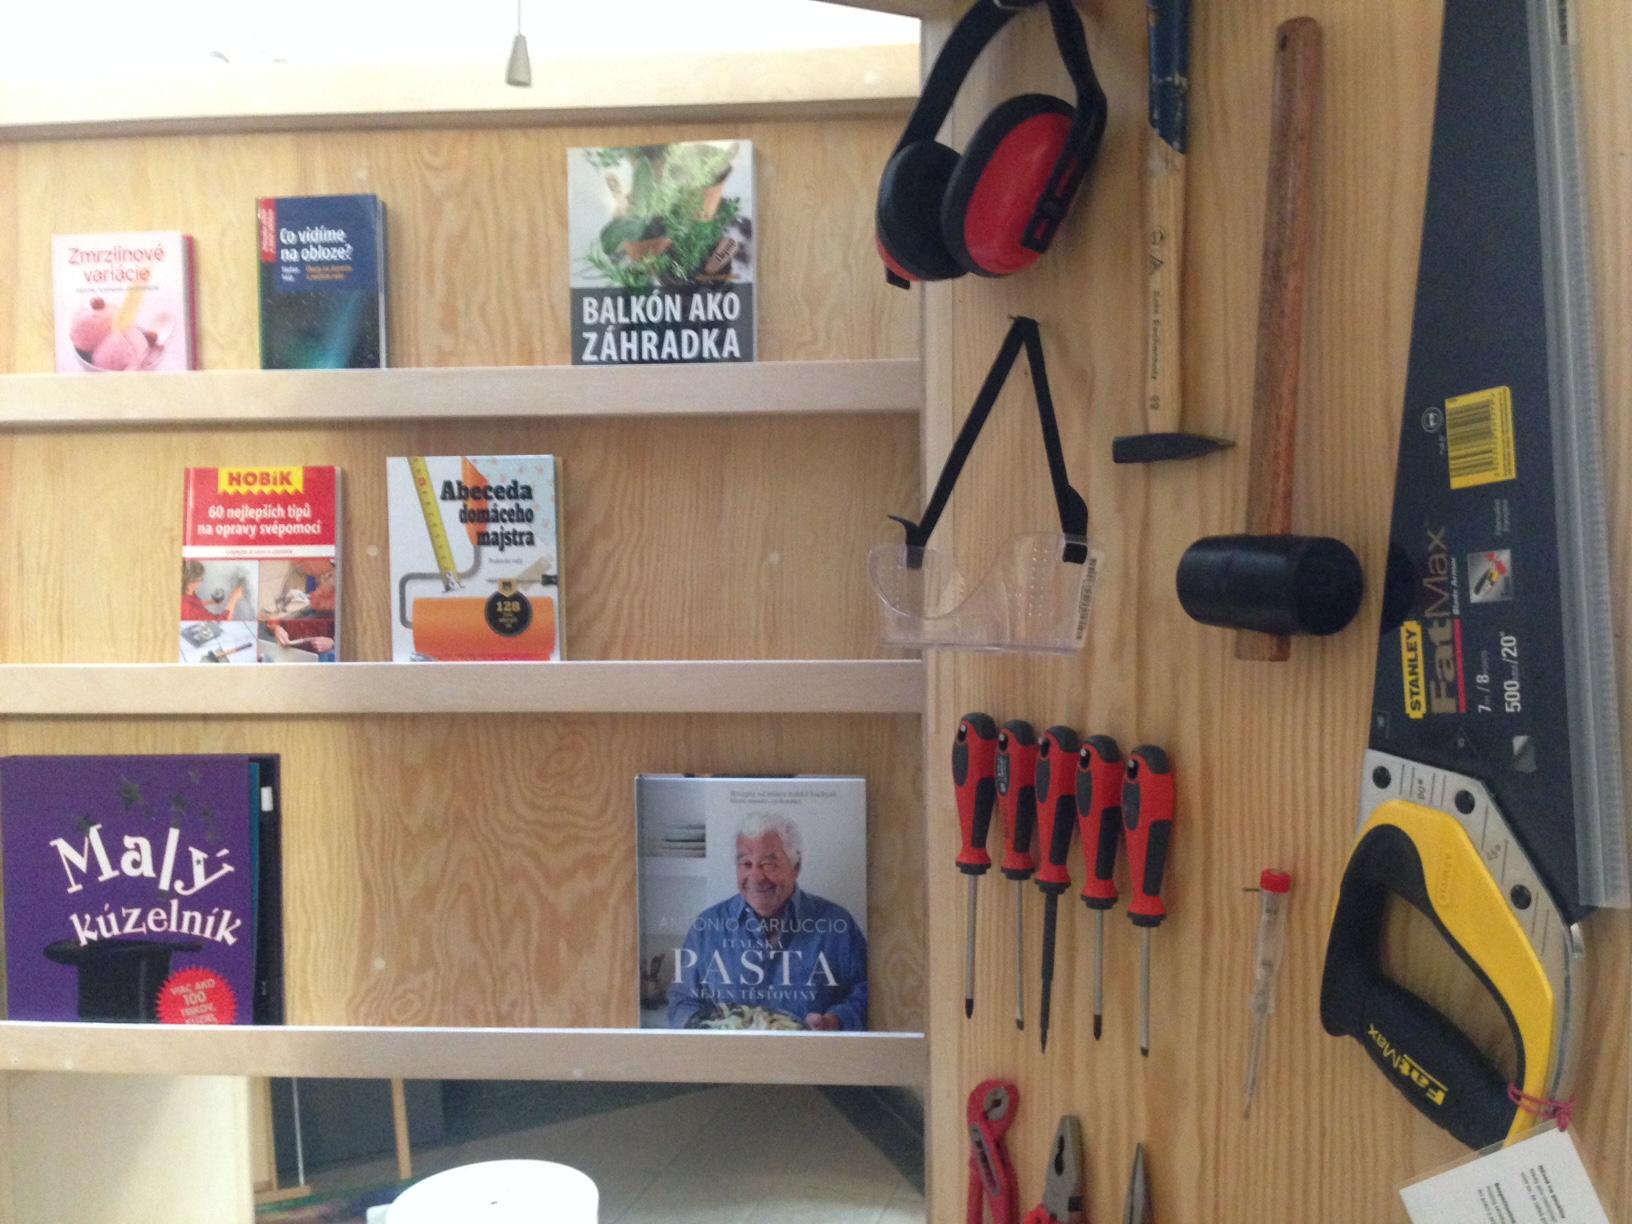 Knižnica požičia knihy aj náradie. Foto - Goetheho inštitút